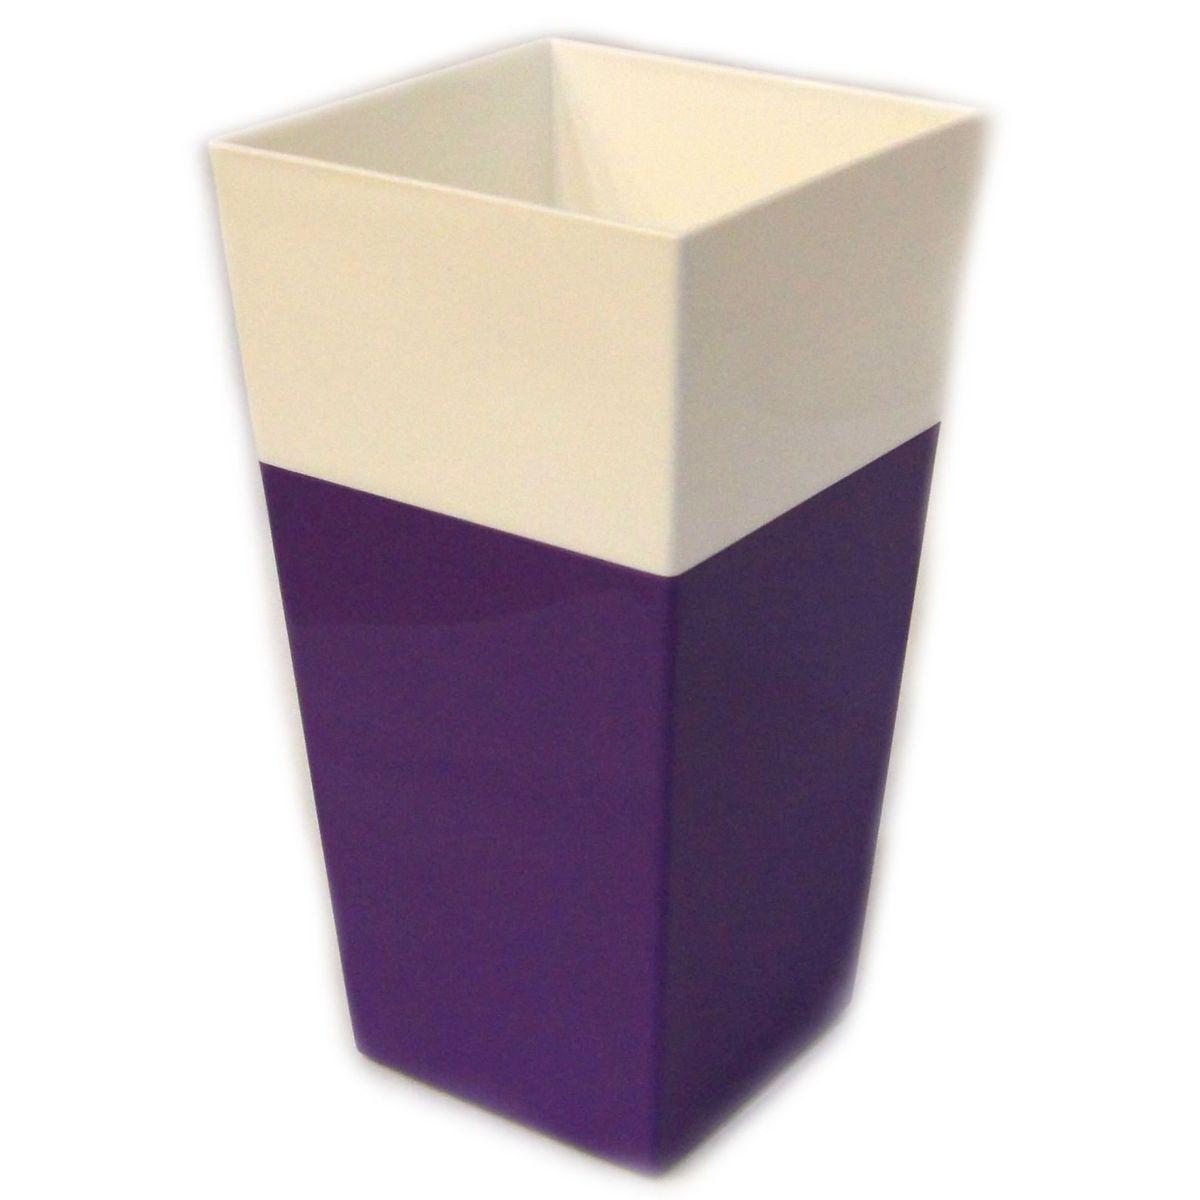 Кашпо JetPlast Дуэт, цвет: фиолетовый, белый, высота 34 см4612754052653Кашпо имеет строгий дизайн и состоит из двух частей: верхней части для цветка и нижней – поддона. Конструкция горшка позволяет, при желании, использовать систему фитильного полива, снабдив горшок веревкой. Оно изготовлено из прочного полипропилена (пластика).Размеры кашпо: 18 х 18 х 34 см.